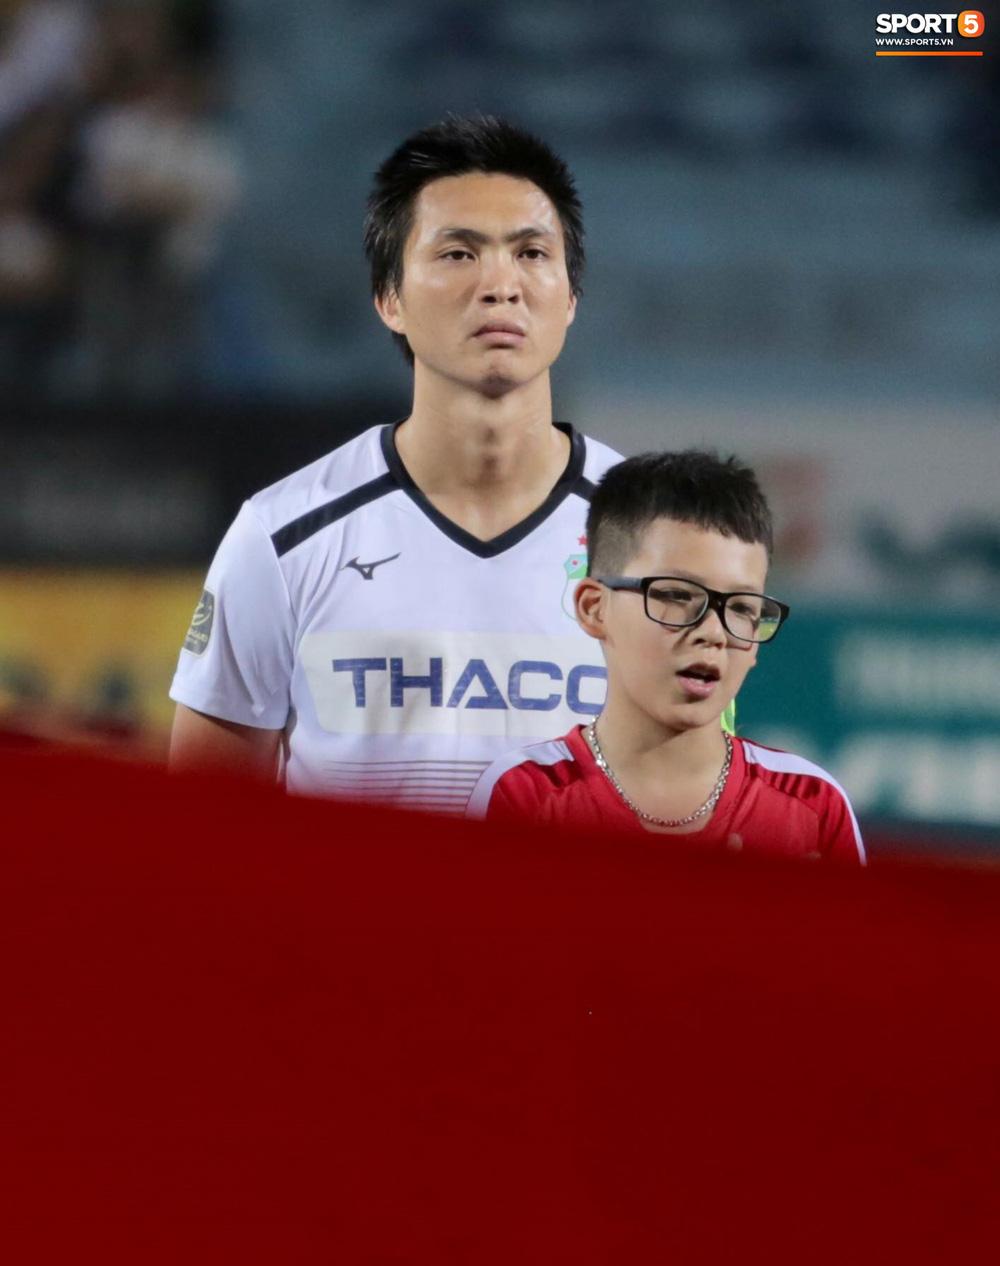 Dàn tuyển thủ Việt Nam hội ngộ trong trận Viettel gặp HAGL - Ảnh 9.